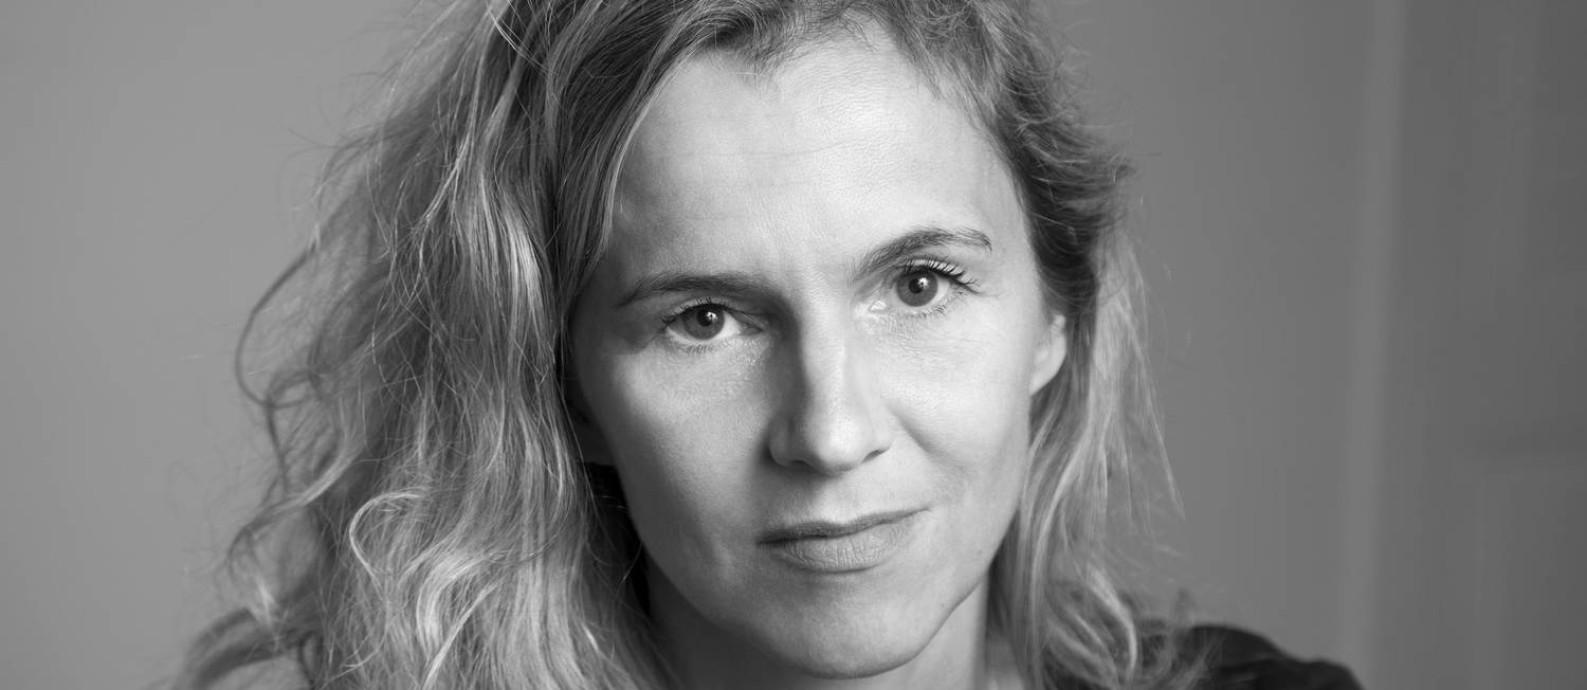 """SC A escritora francesa Delphine de Vigan, autora de """"Baseados em fatos reais"""" Foto: Delphine Jouandeau / Divulgaçã"""